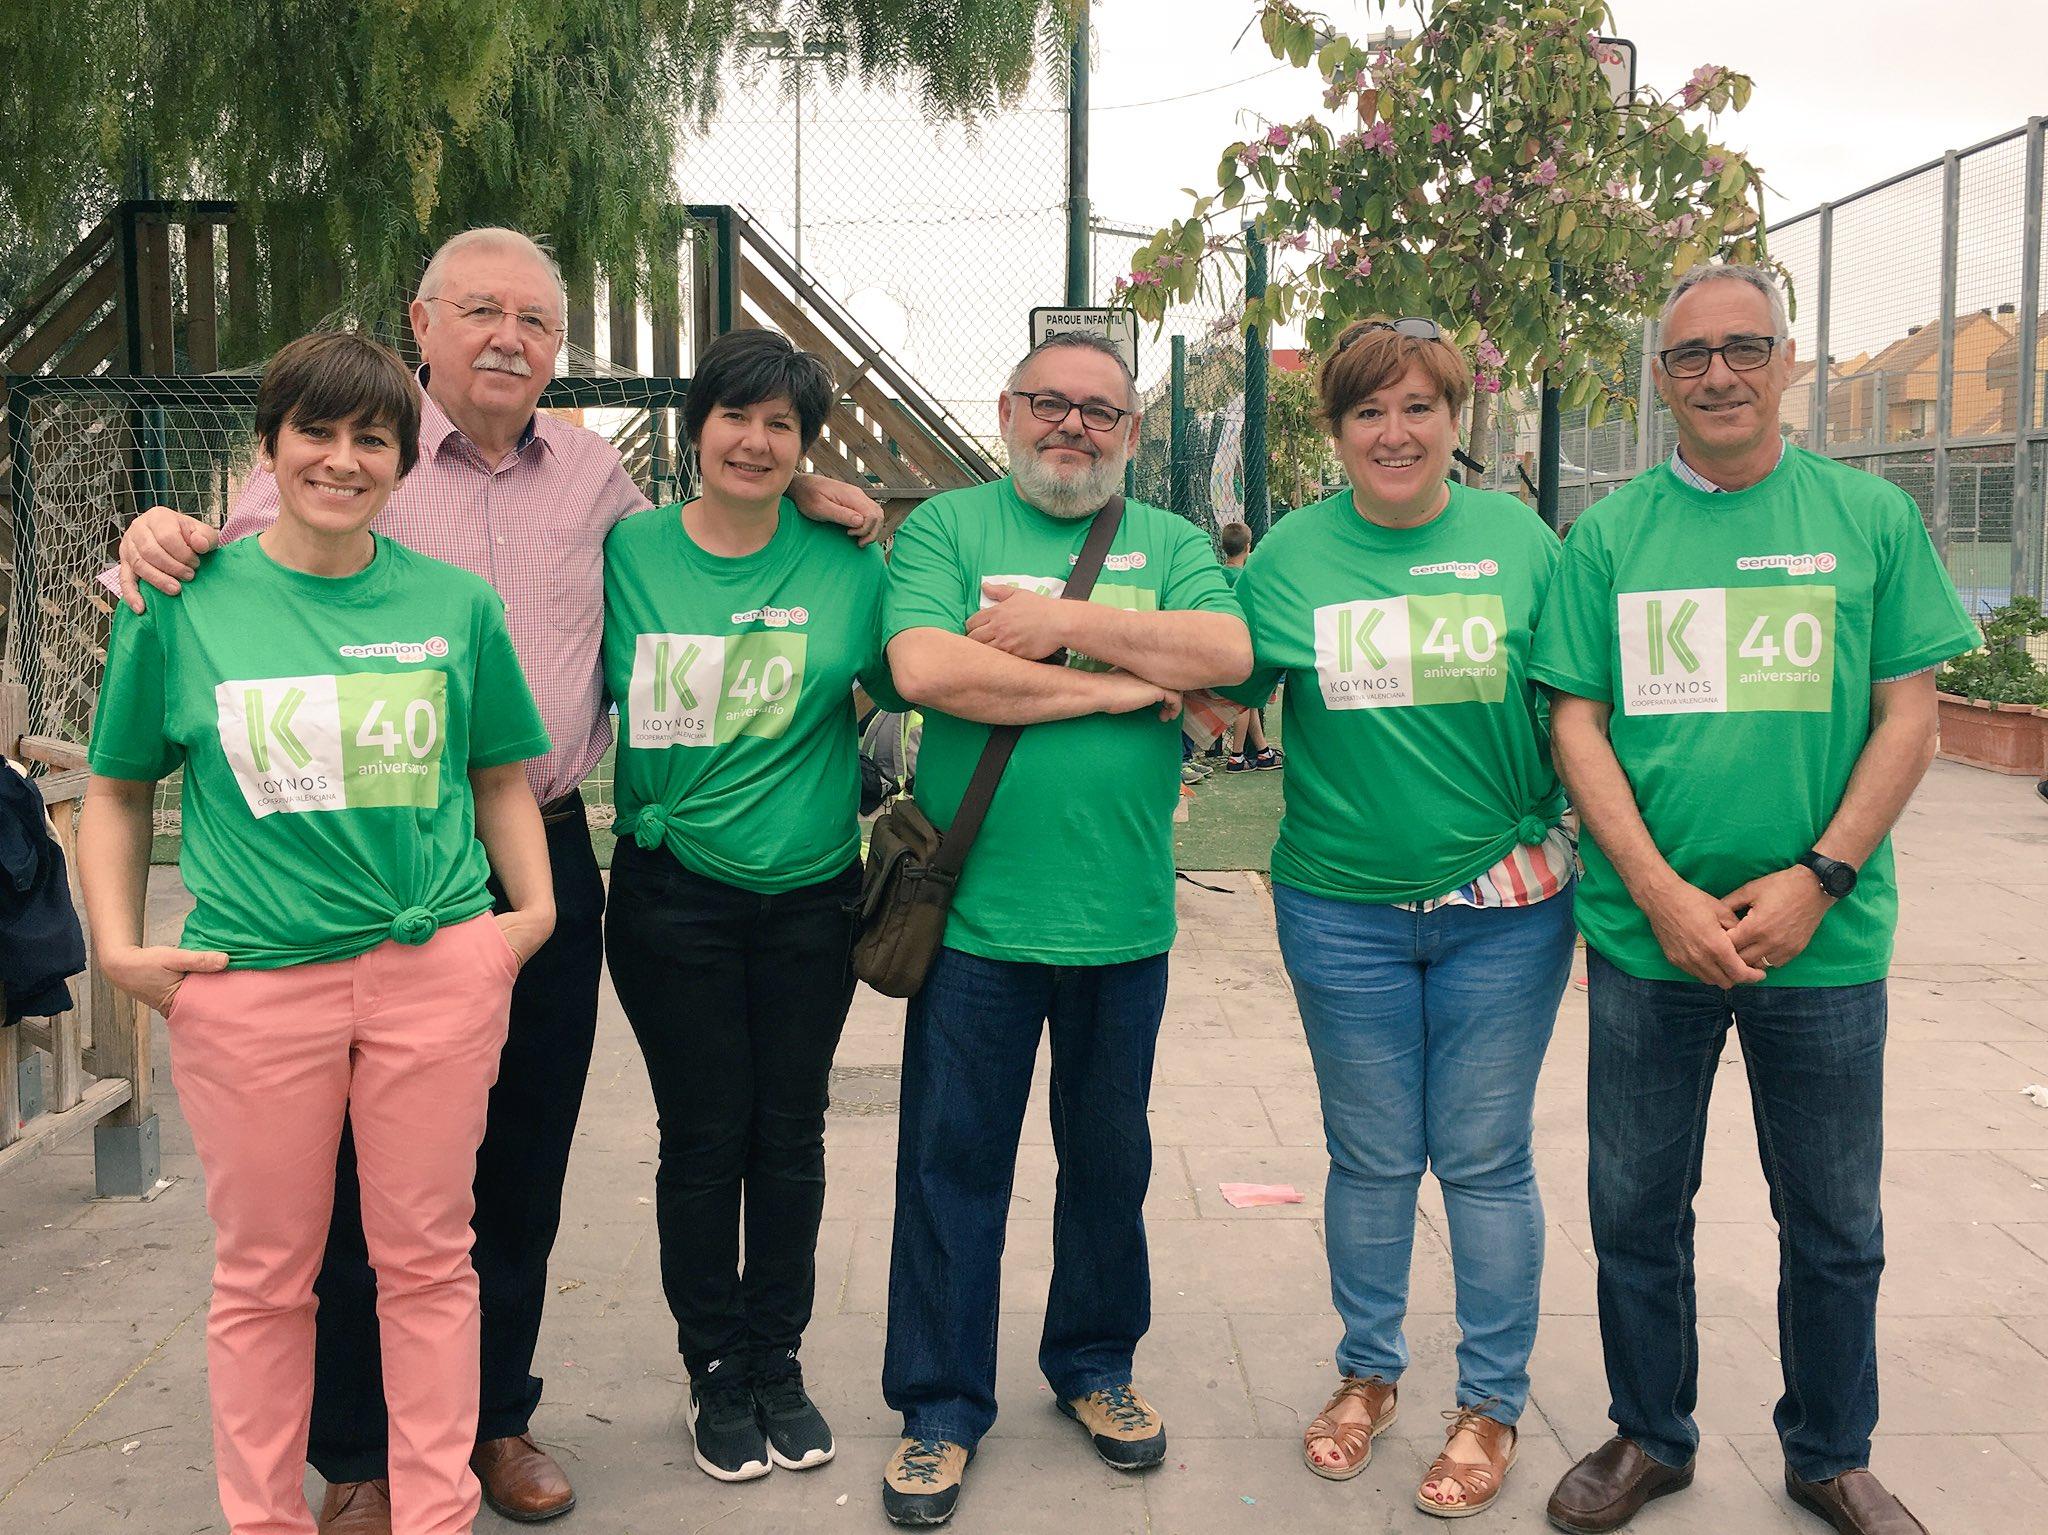 Los directores del Centro de Educación Especial, Centro Ocupacional, el presidente de Koynos Cooperativa y el concejal de Deportes de Godella